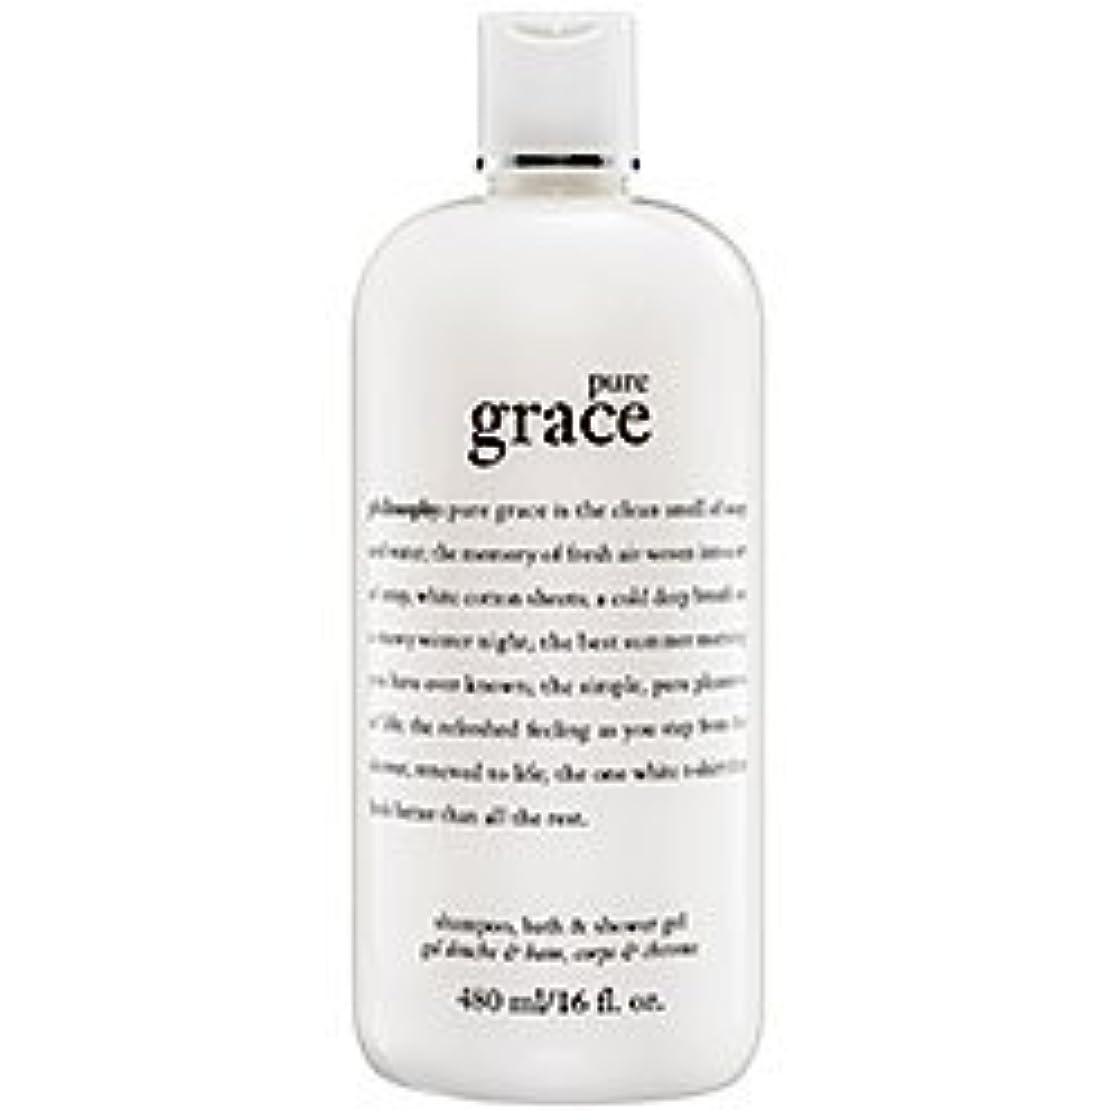 粘性の八百屋バンカーpure grace (ピュアグレイス ) 16.0 oz (480ml) foaming bath and shower gel for Women